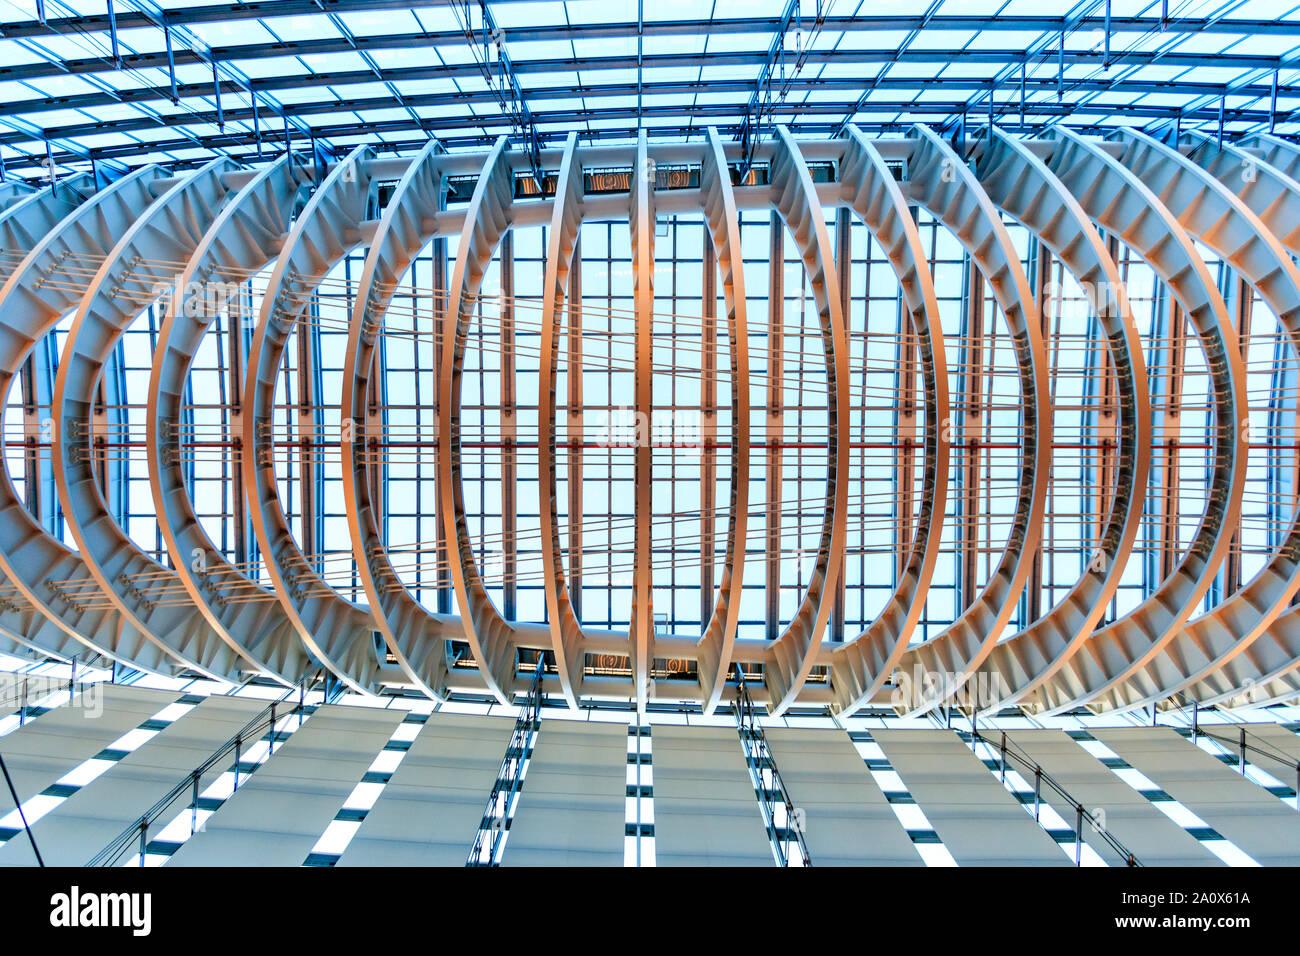 Le Japon, Tokyo International Forum. L'intérieur. Les pans de verre métal vu de toit directement ci-dessous. Éclairé avec une lumière douce, Blue Hour. Banque D'Images